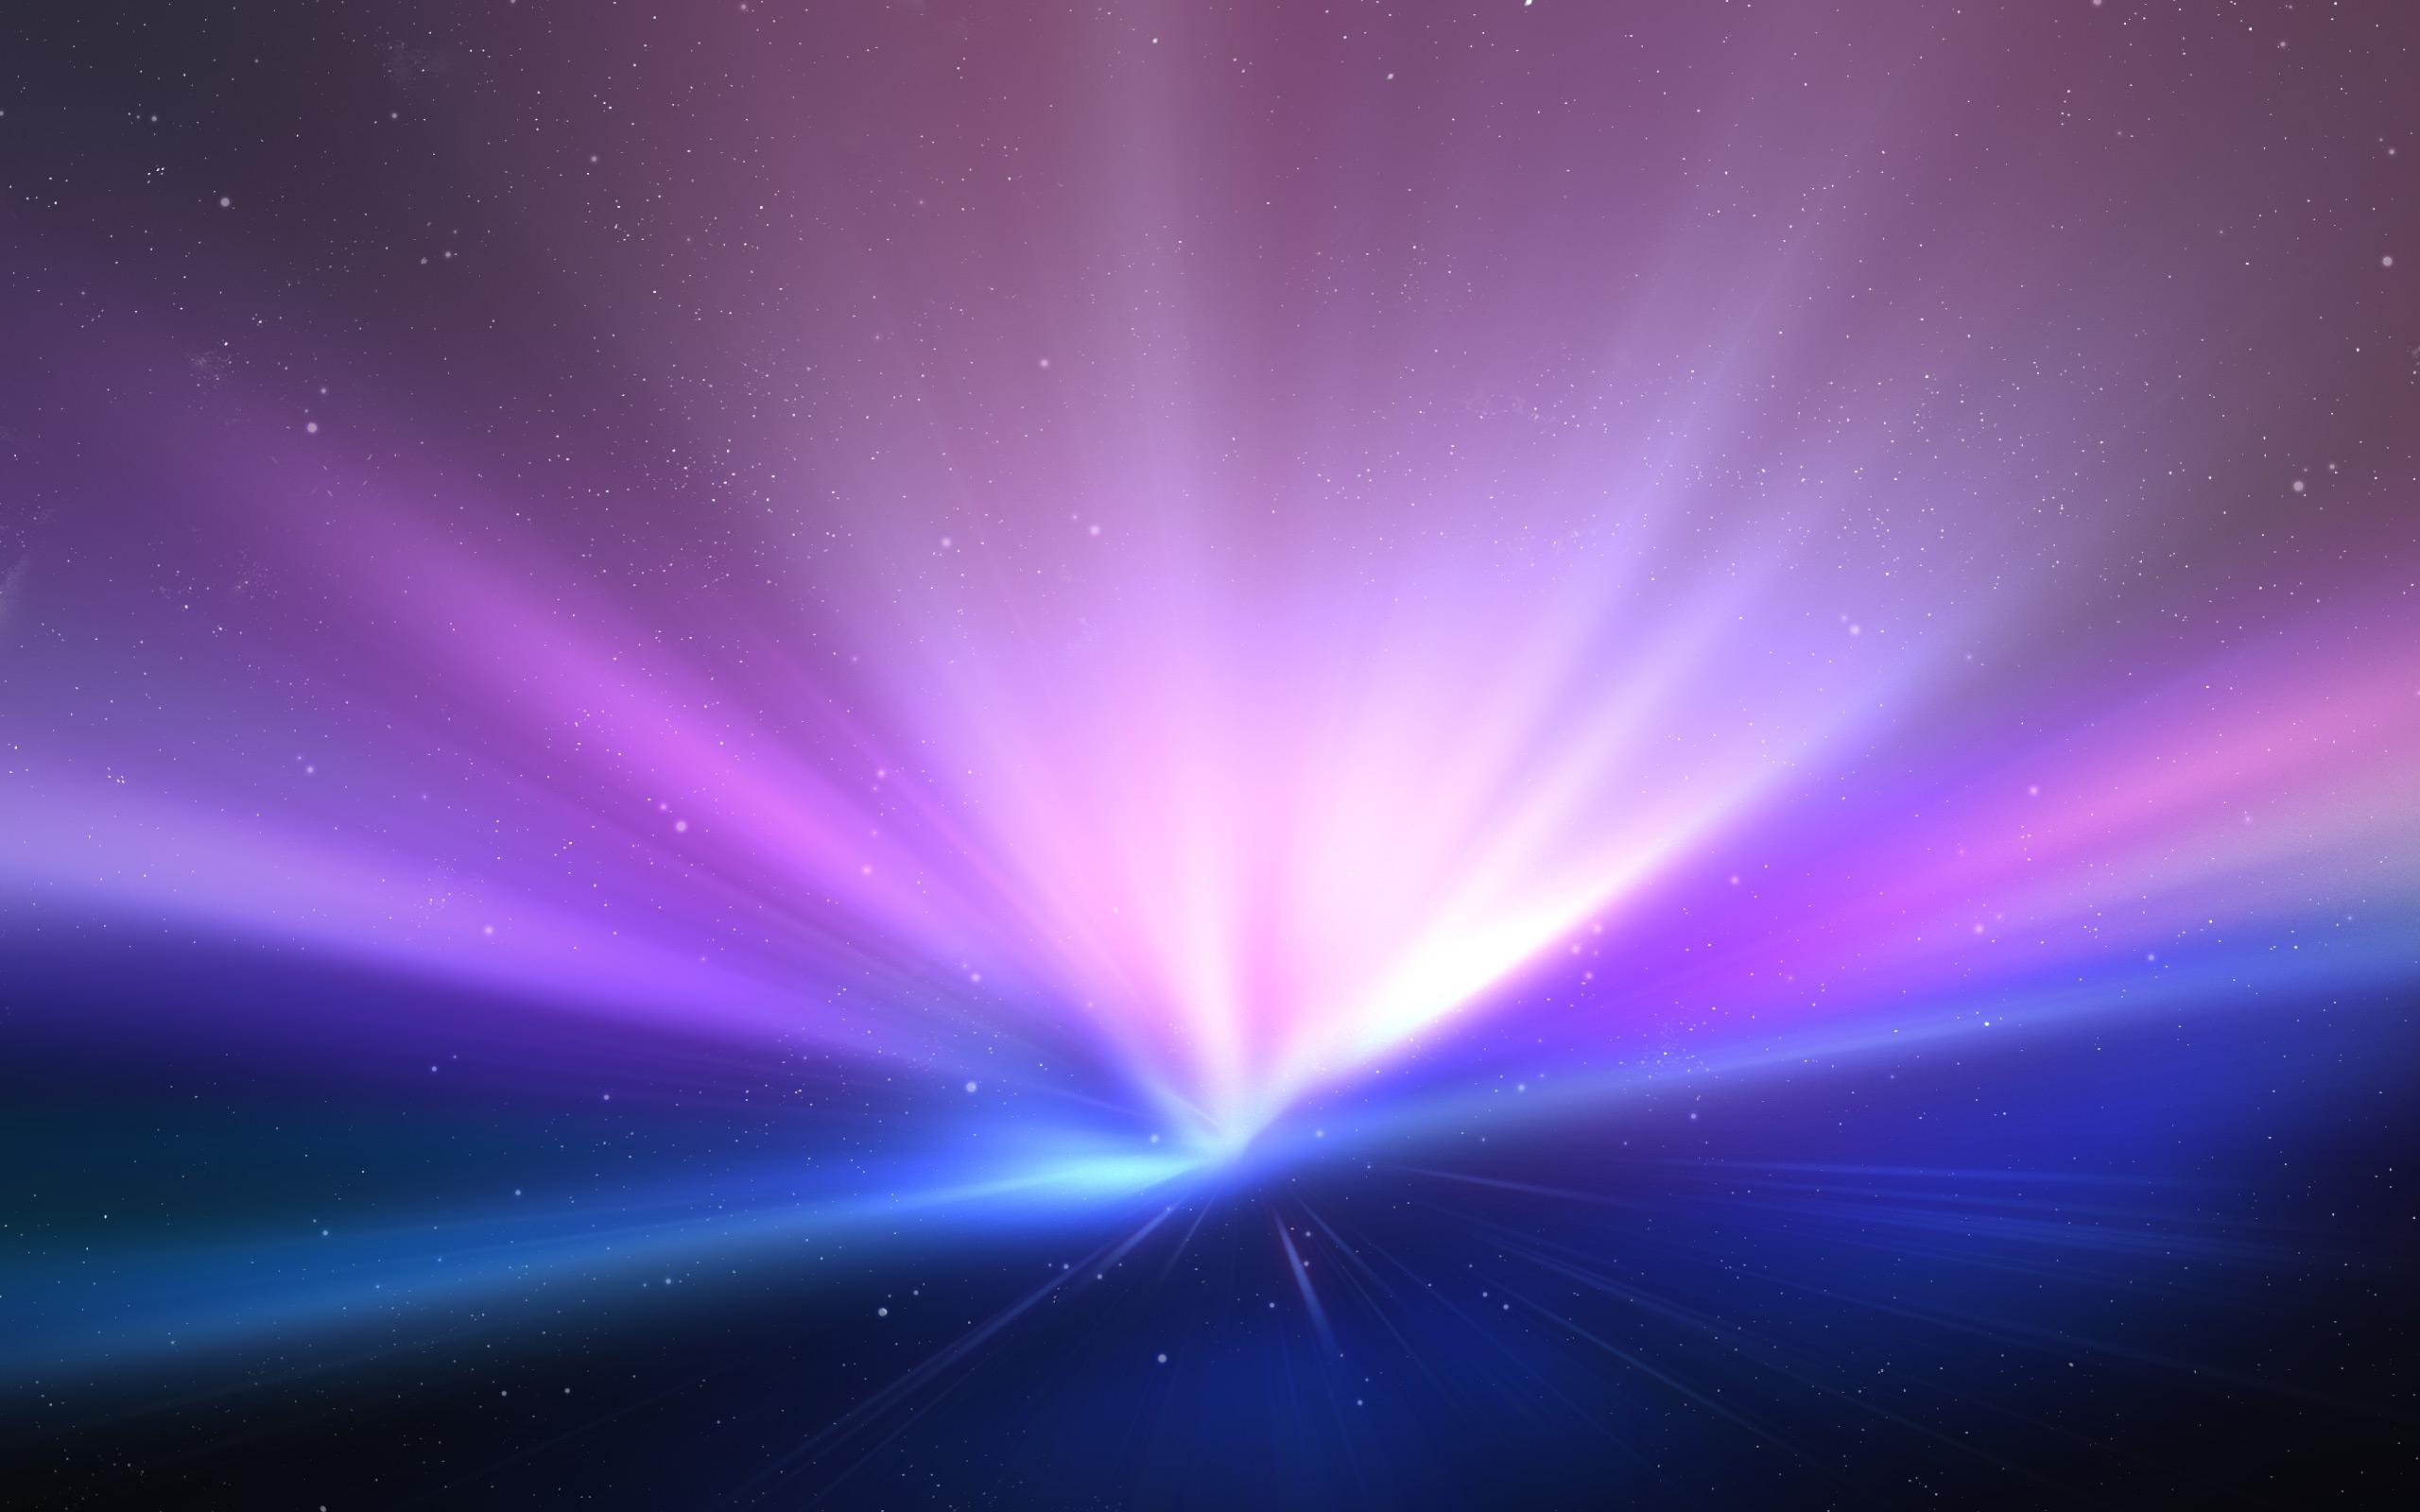 Download Mac Aurora Wallpaper 2560x1600 Wallpoper 345112 2560x1600